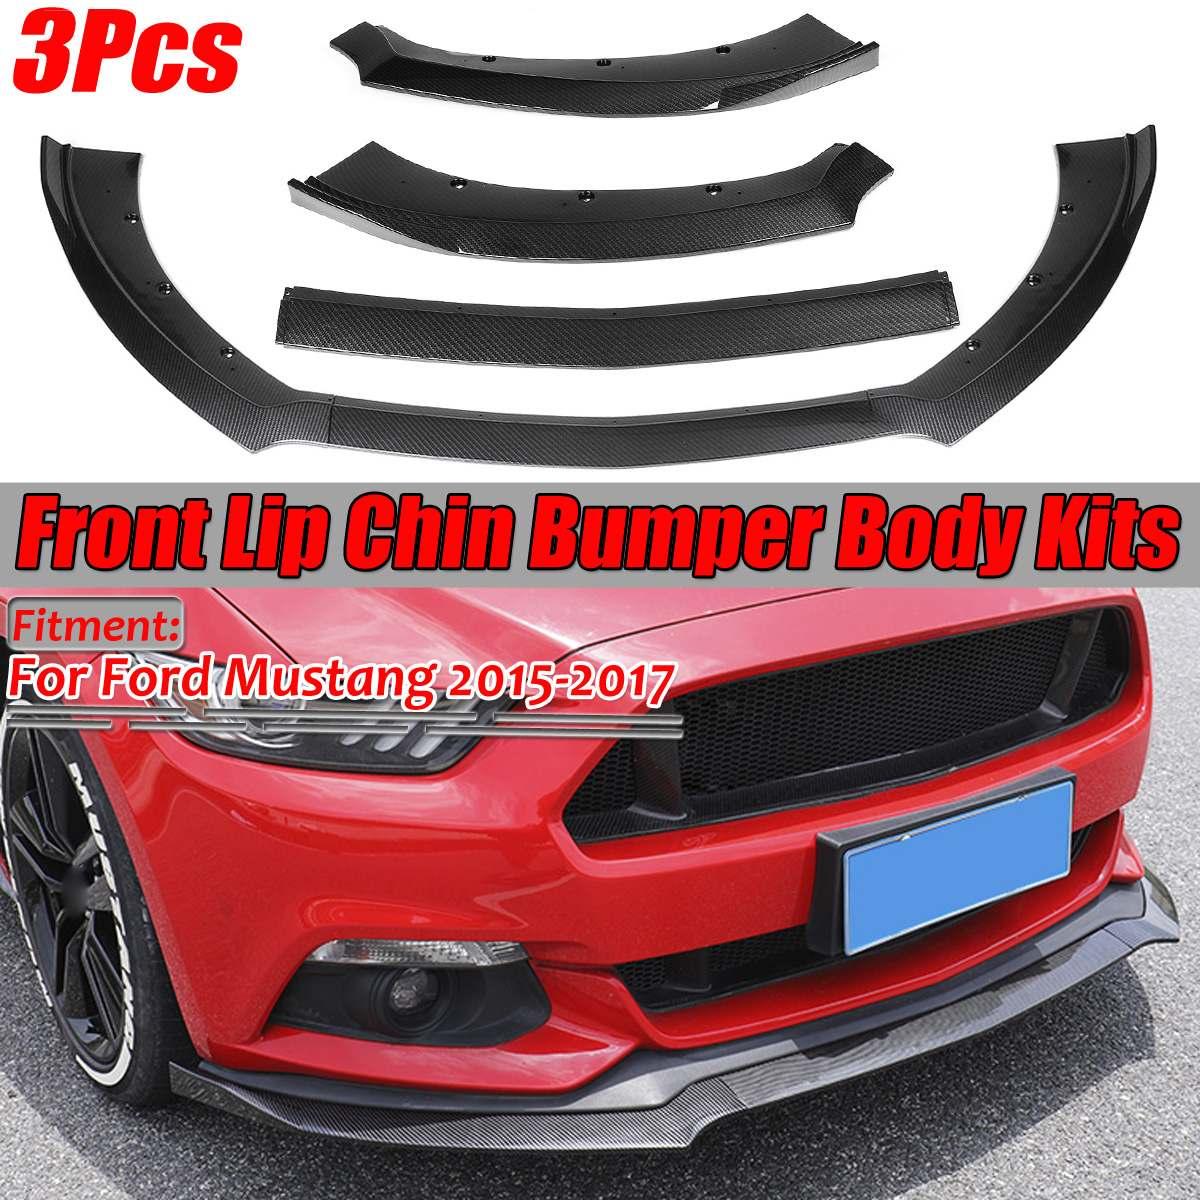 3 pçs olhar de fibra carbono/preto amortecedor dianteiro do carro splitter lábio difusor spoiler pára-choques corpo kits forford para mustang 2015 2016 2017